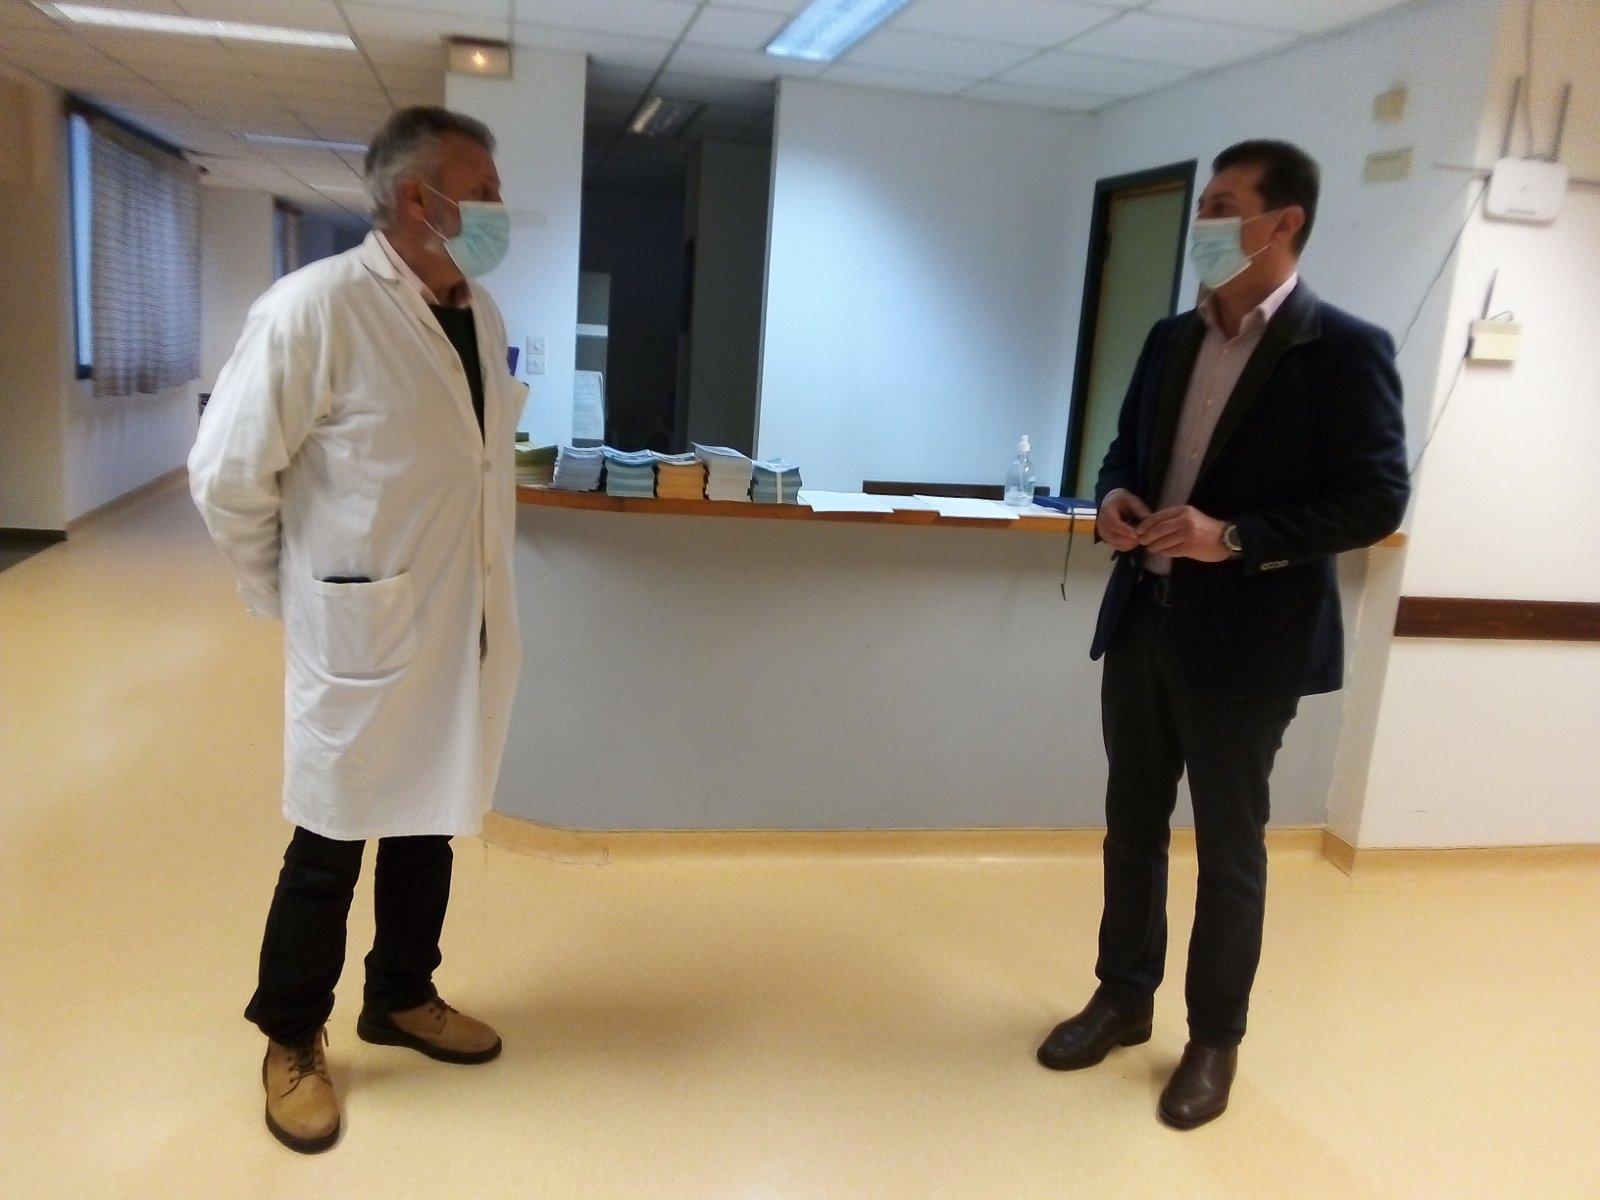 Δελτίο Τύπου - Επίσκεψη του Δημάρχου Δωδώνης στο Κέντρο Υγείας Δερβιζιάνων